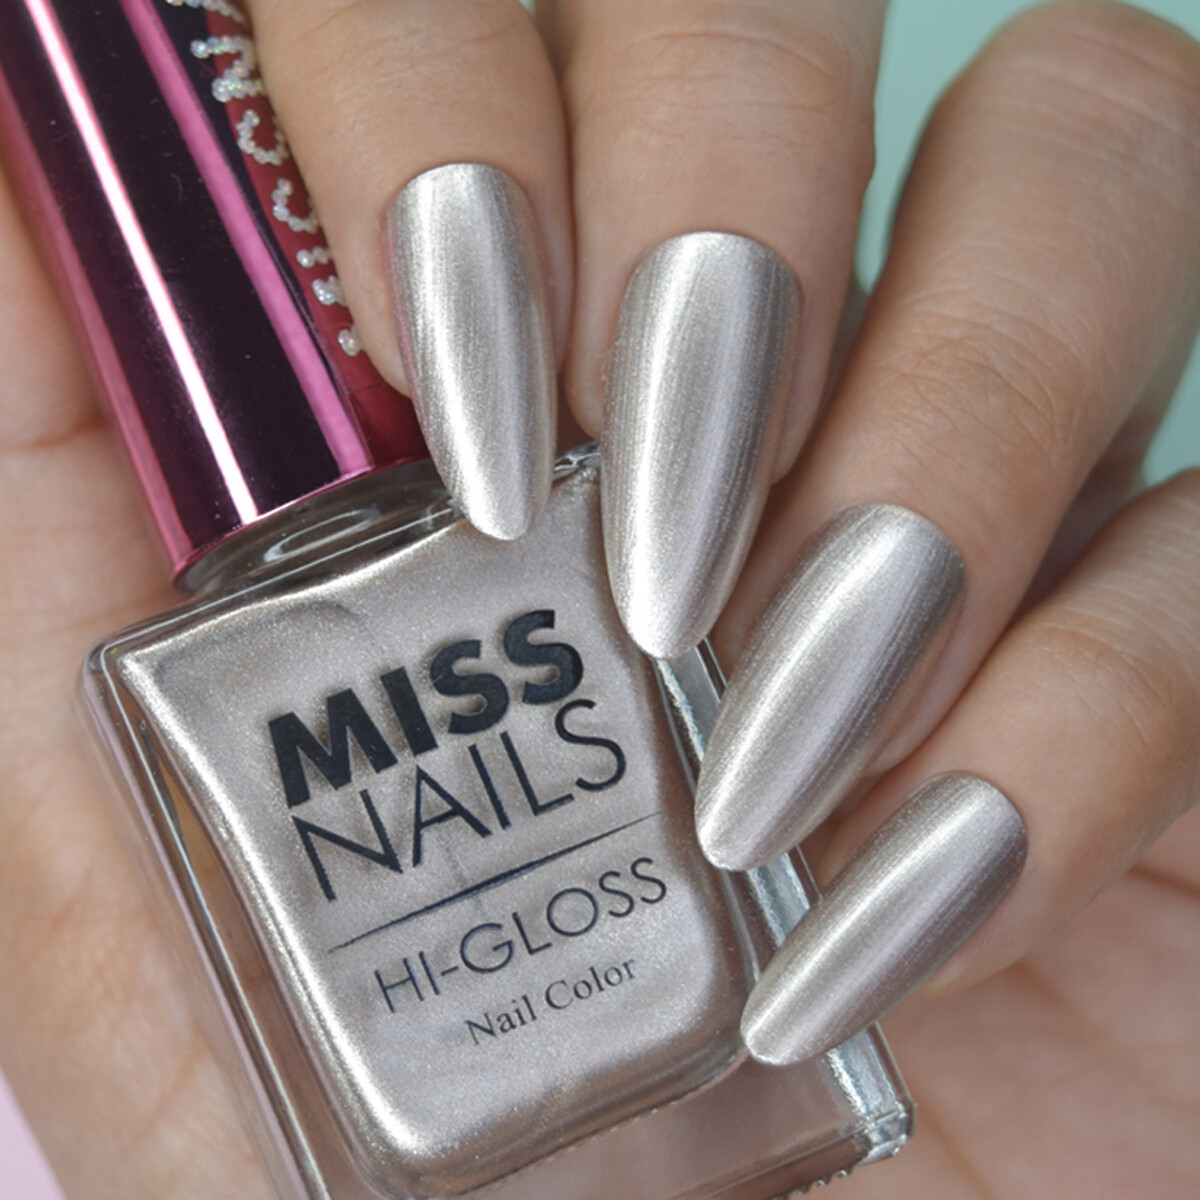 Hi-Gloss Iron Women